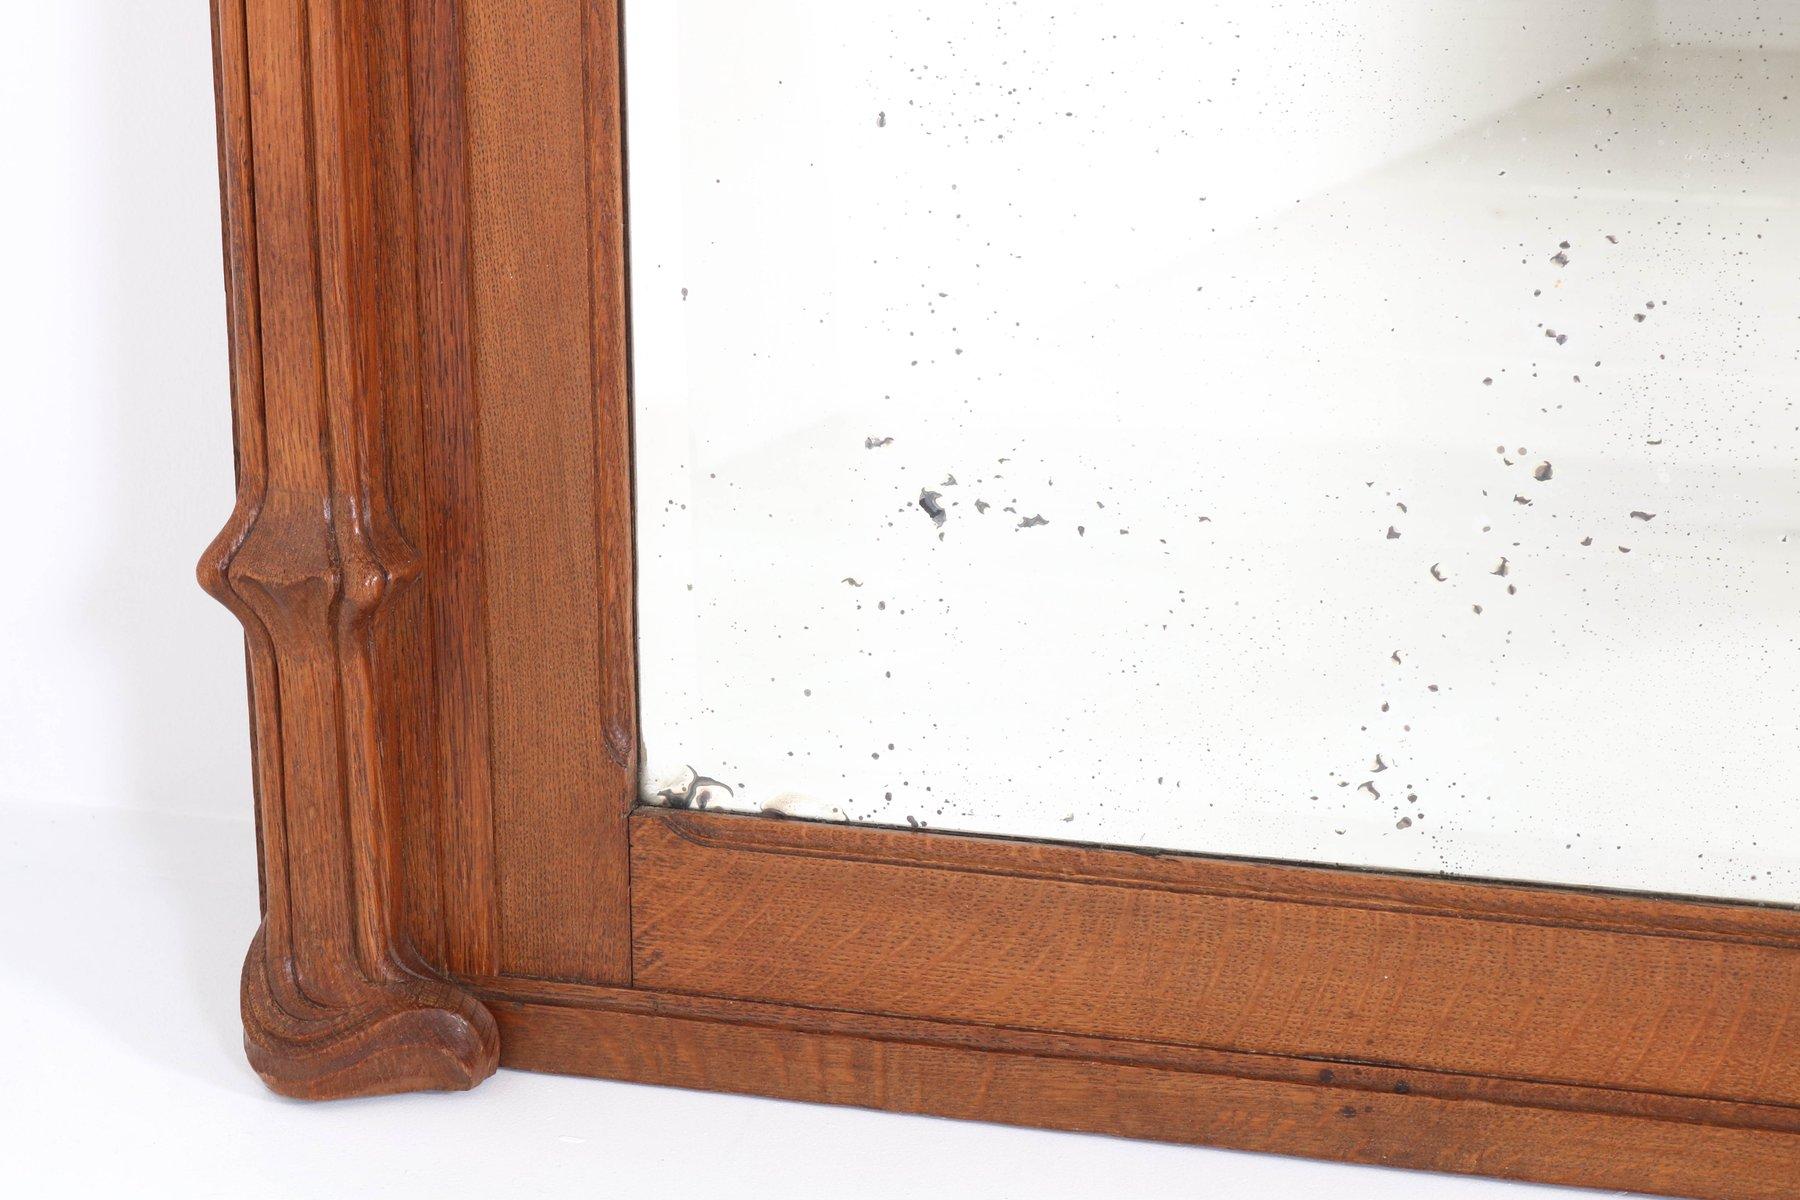 grand miroir art nouveau en ch ne france 1900s en vente. Black Bedroom Furniture Sets. Home Design Ideas